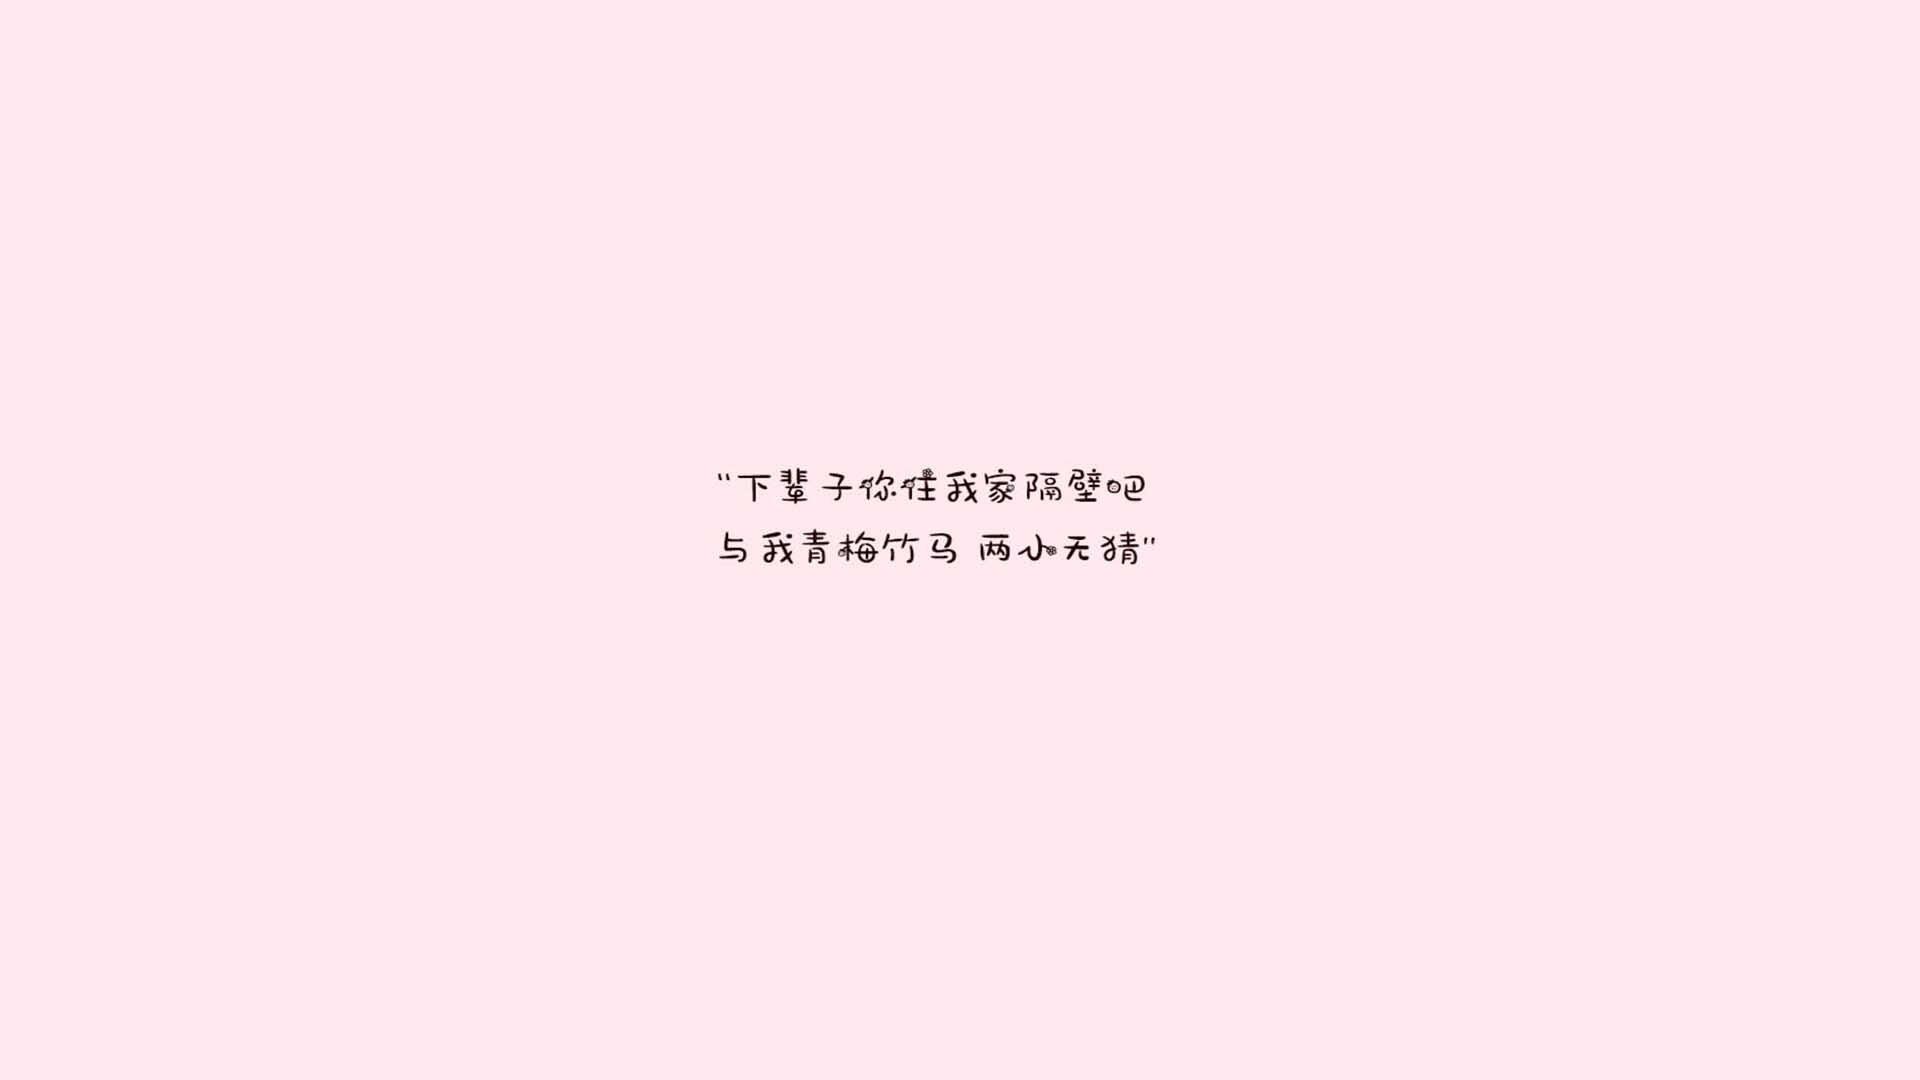 西安公诚二手车交易市场有限公司介绍?